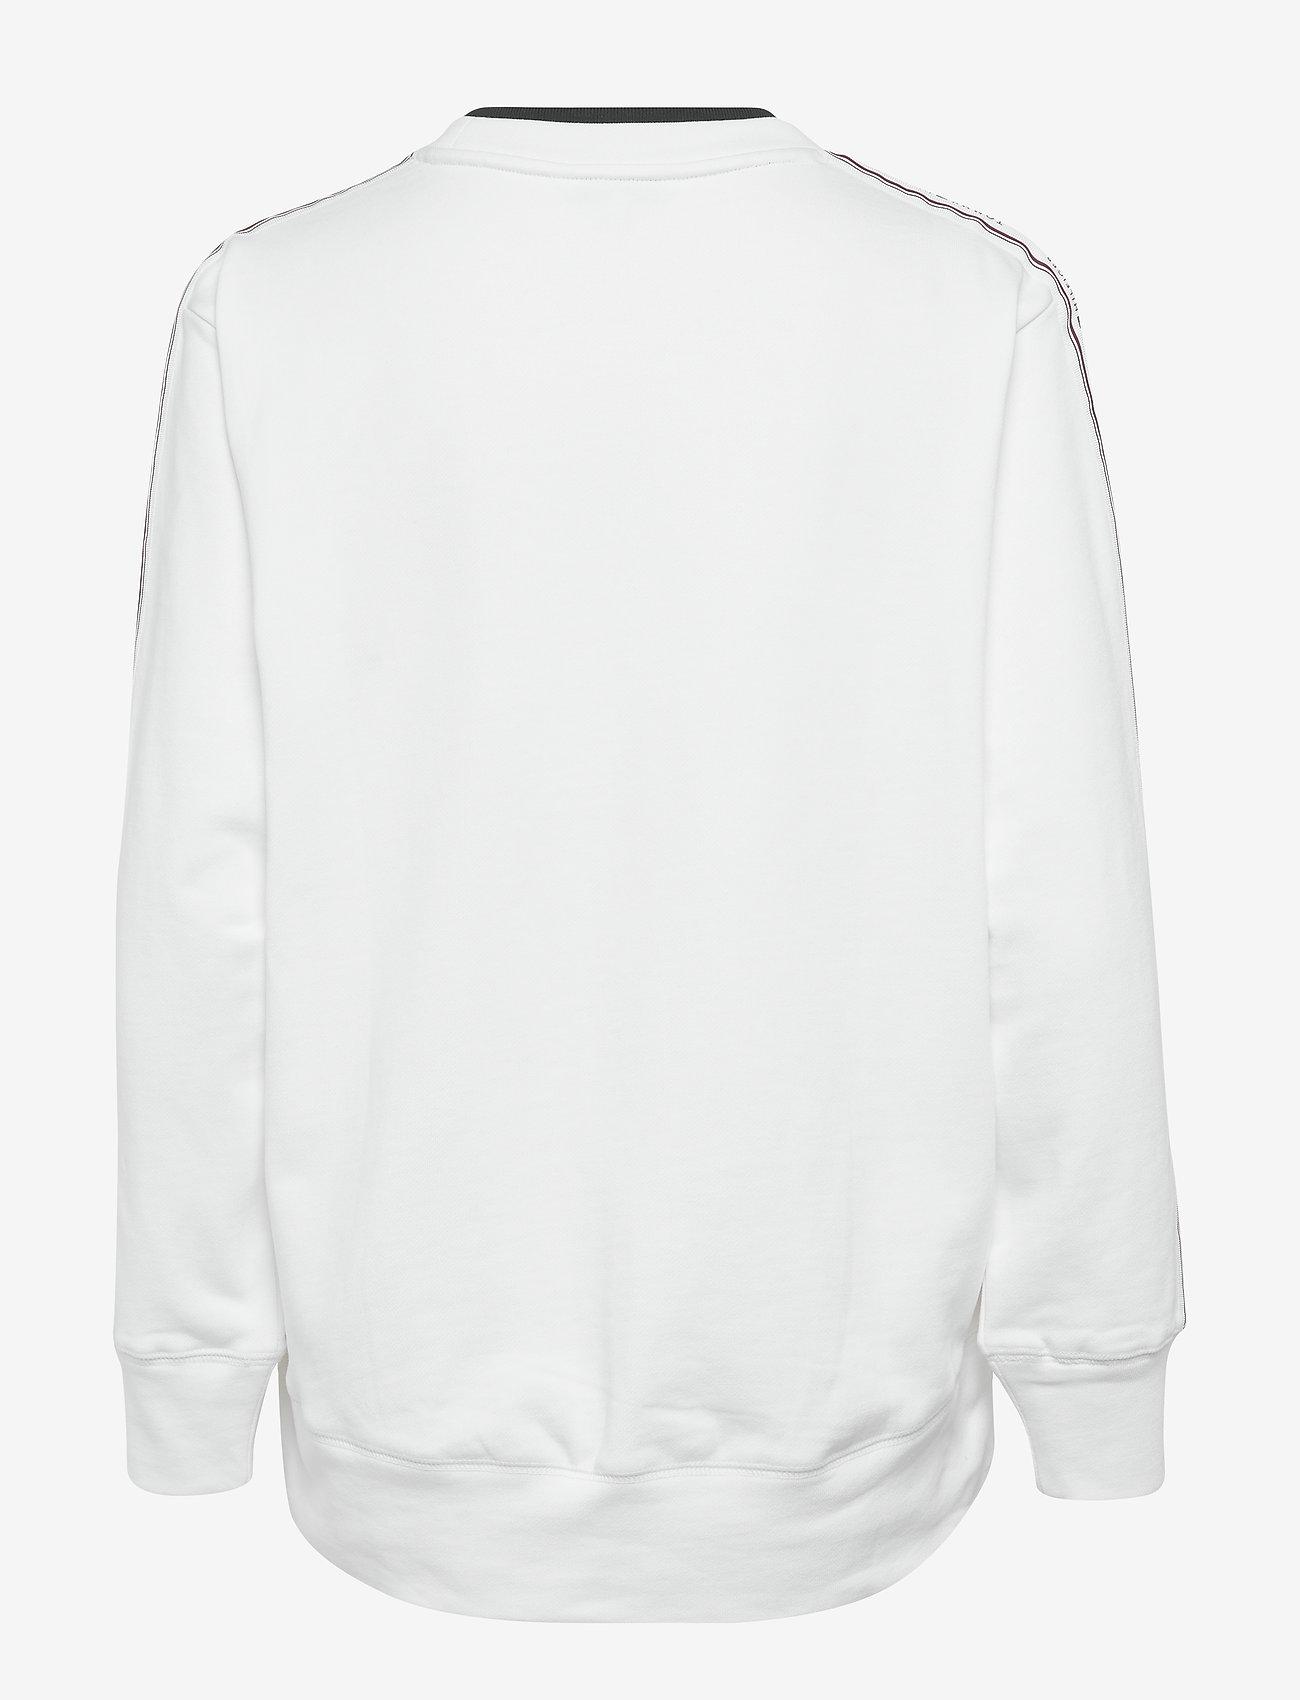 Tommy Hilfiger - RAVEN C-NK SWEATSHIRT LS - sweatshirts - white - 1